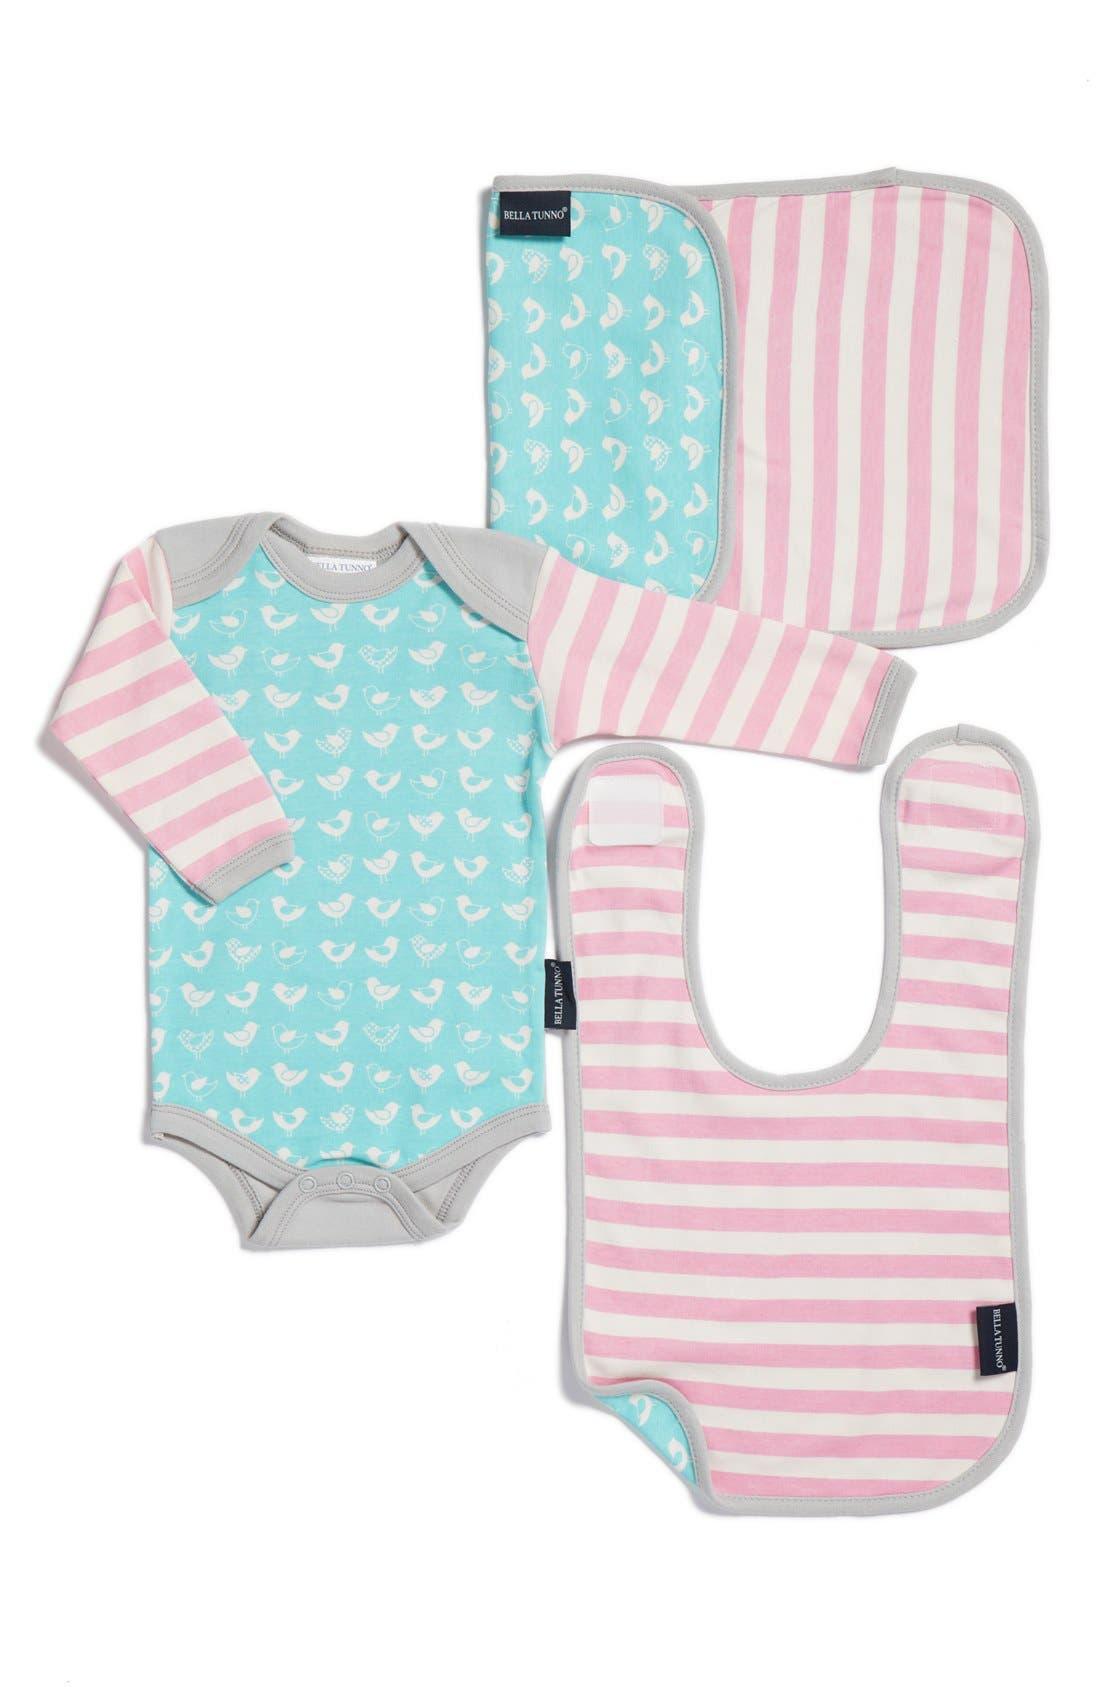 Bella Tunno Bodysuit, Bib & Burpie Cloth Set (Baby Girls)